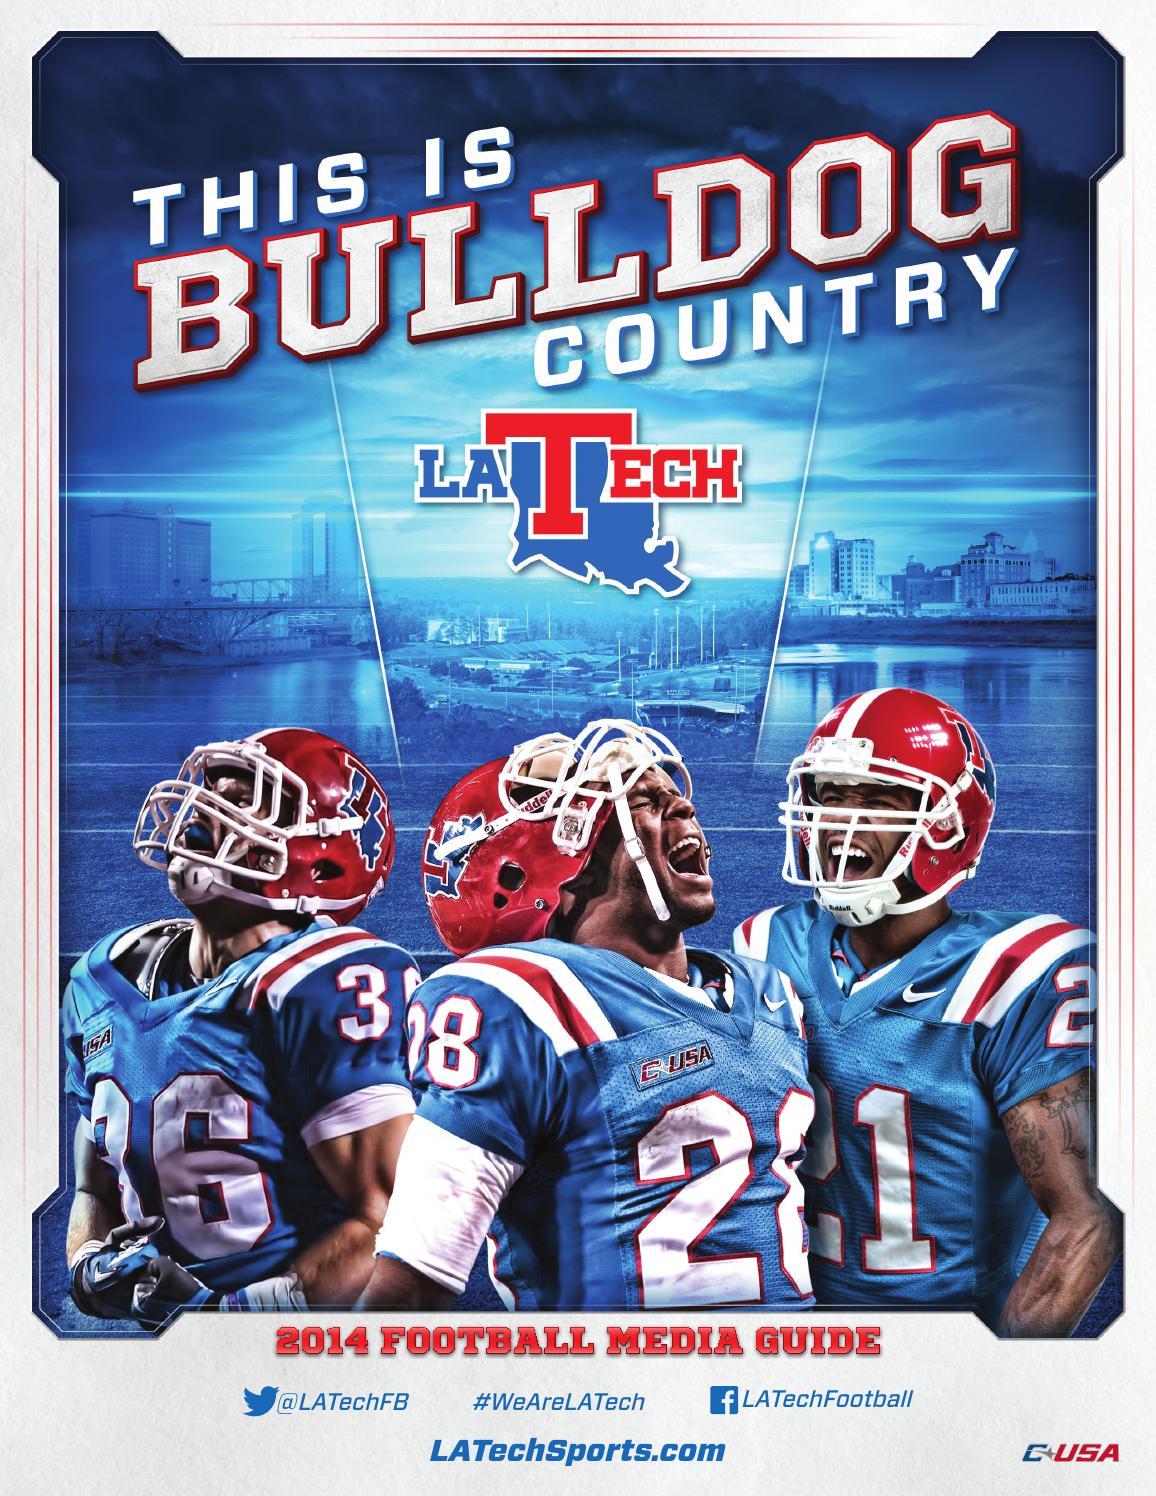 2014 Louisiana Tech Football Media Guide by Louisiana Tech Athletics - issuu 771c735ca